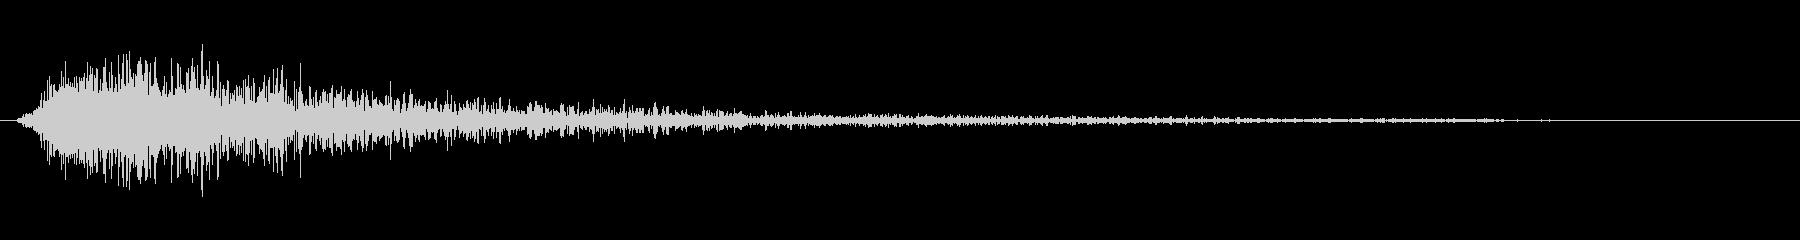 ジャン(オケヒット オーケストラヒット)の未再生の波形